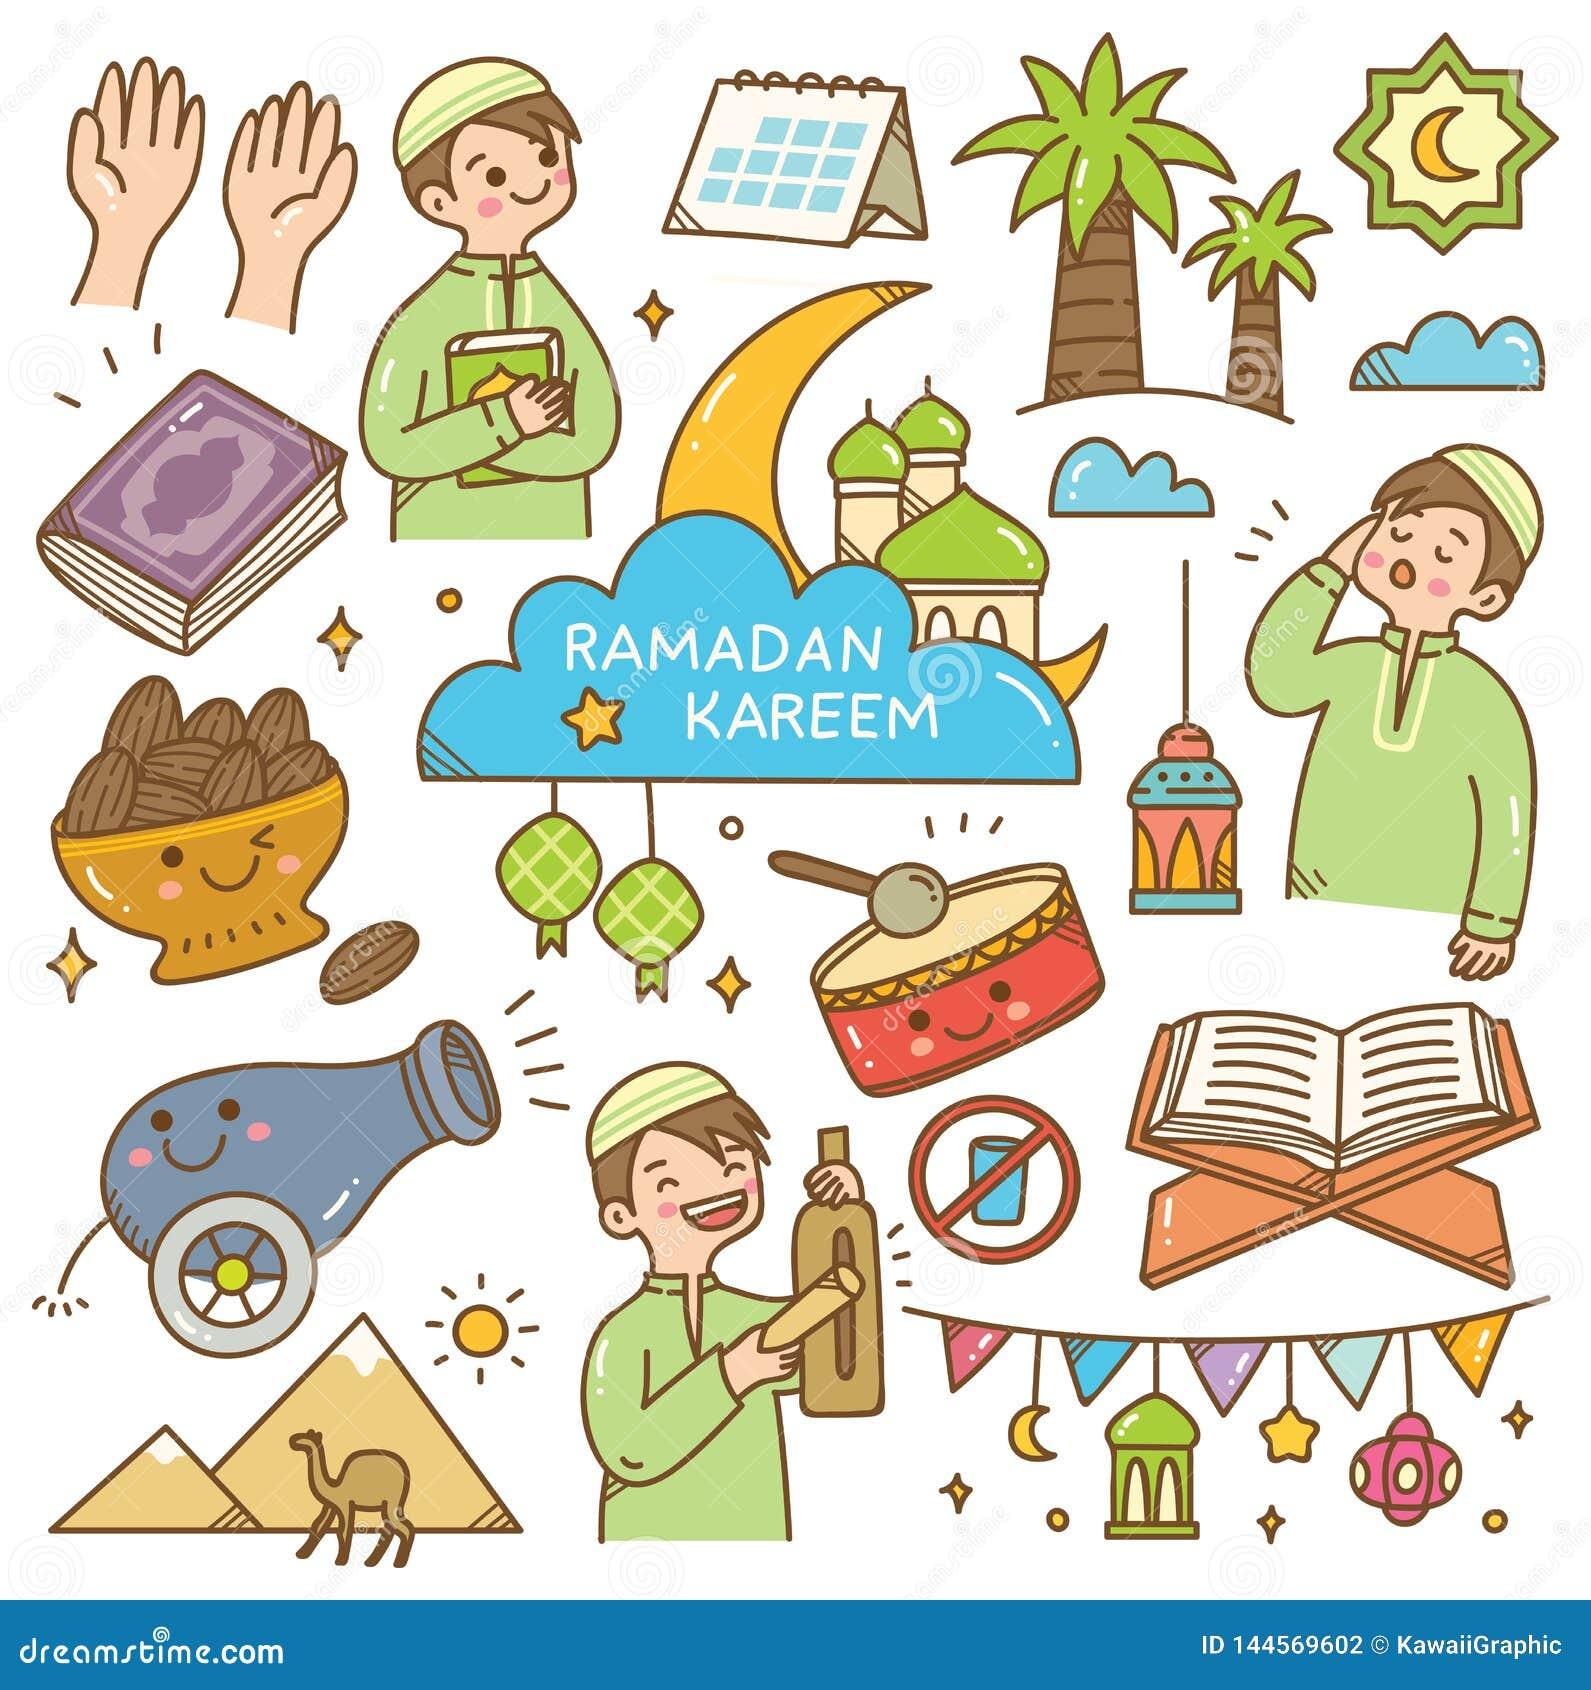 Ramadan kawaii doodles